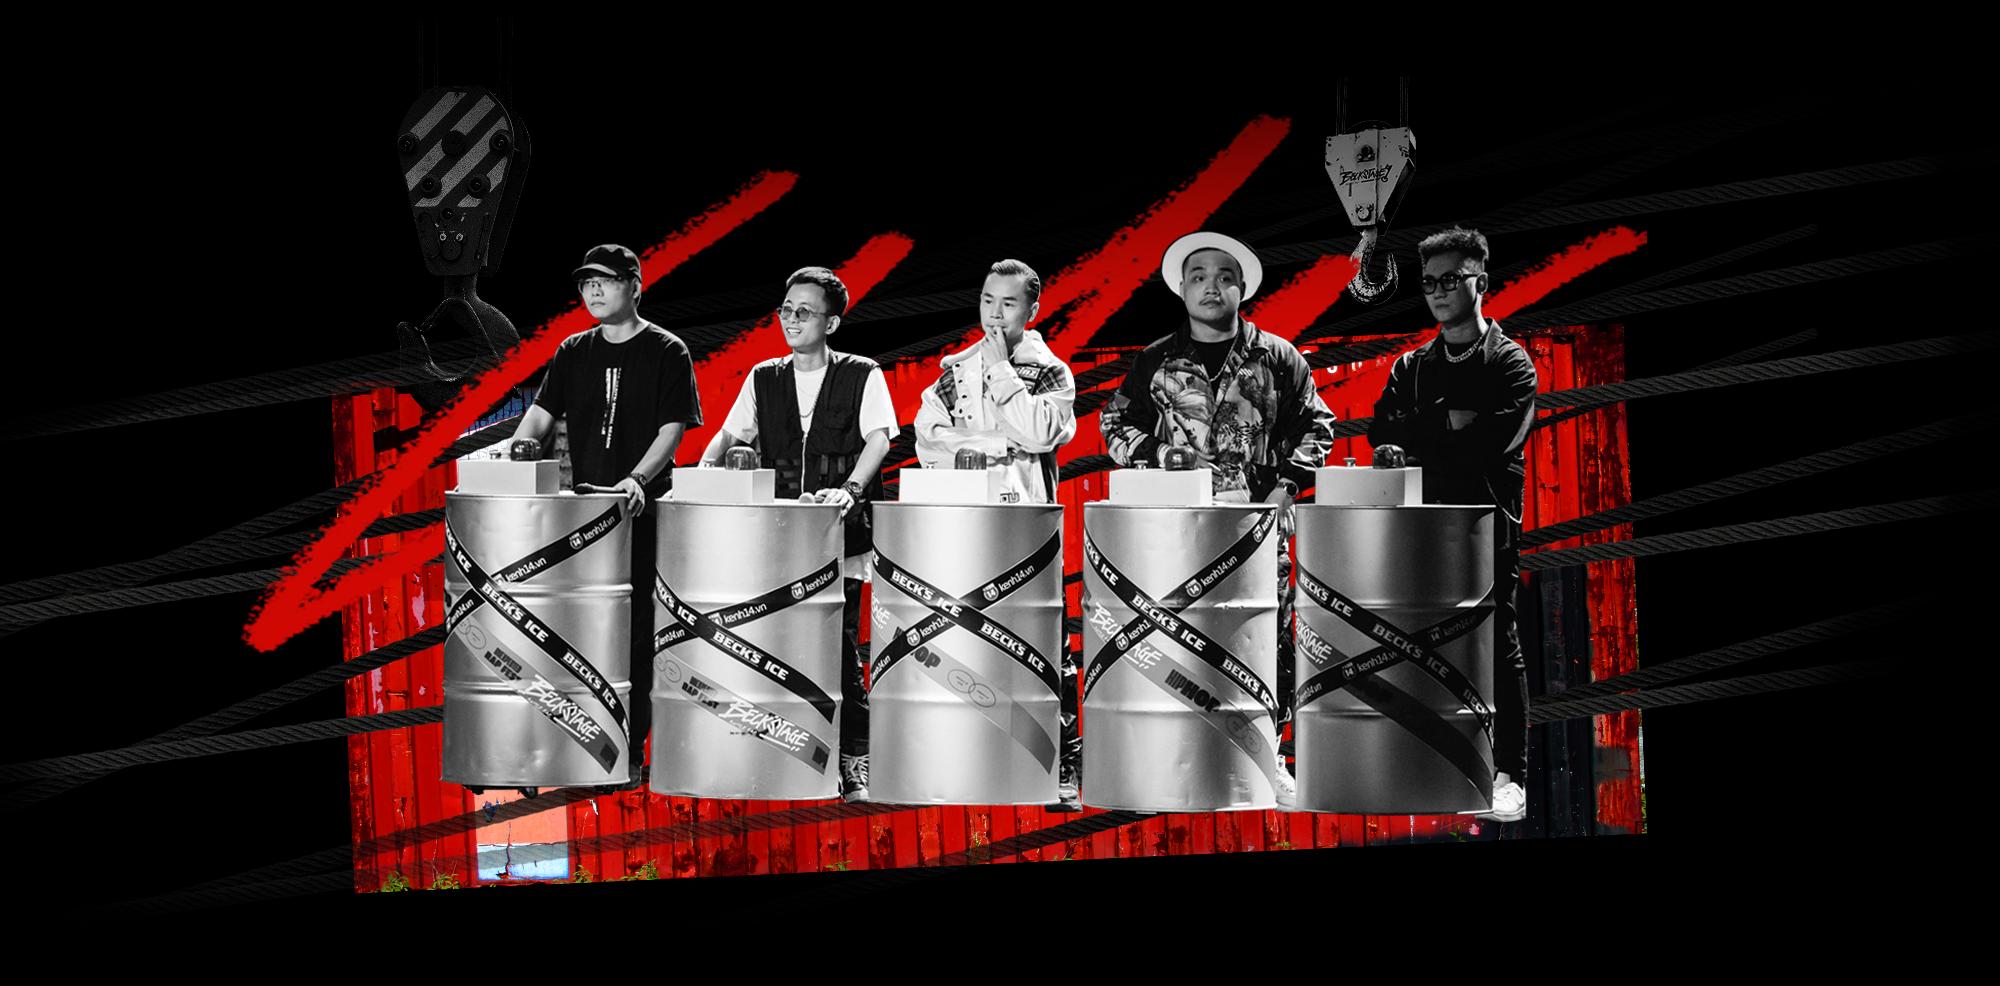 BeckStage - Unexpected Rap Fest: đòn bẩy thép đưa Underground tới gần công chúng - Ảnh 2.